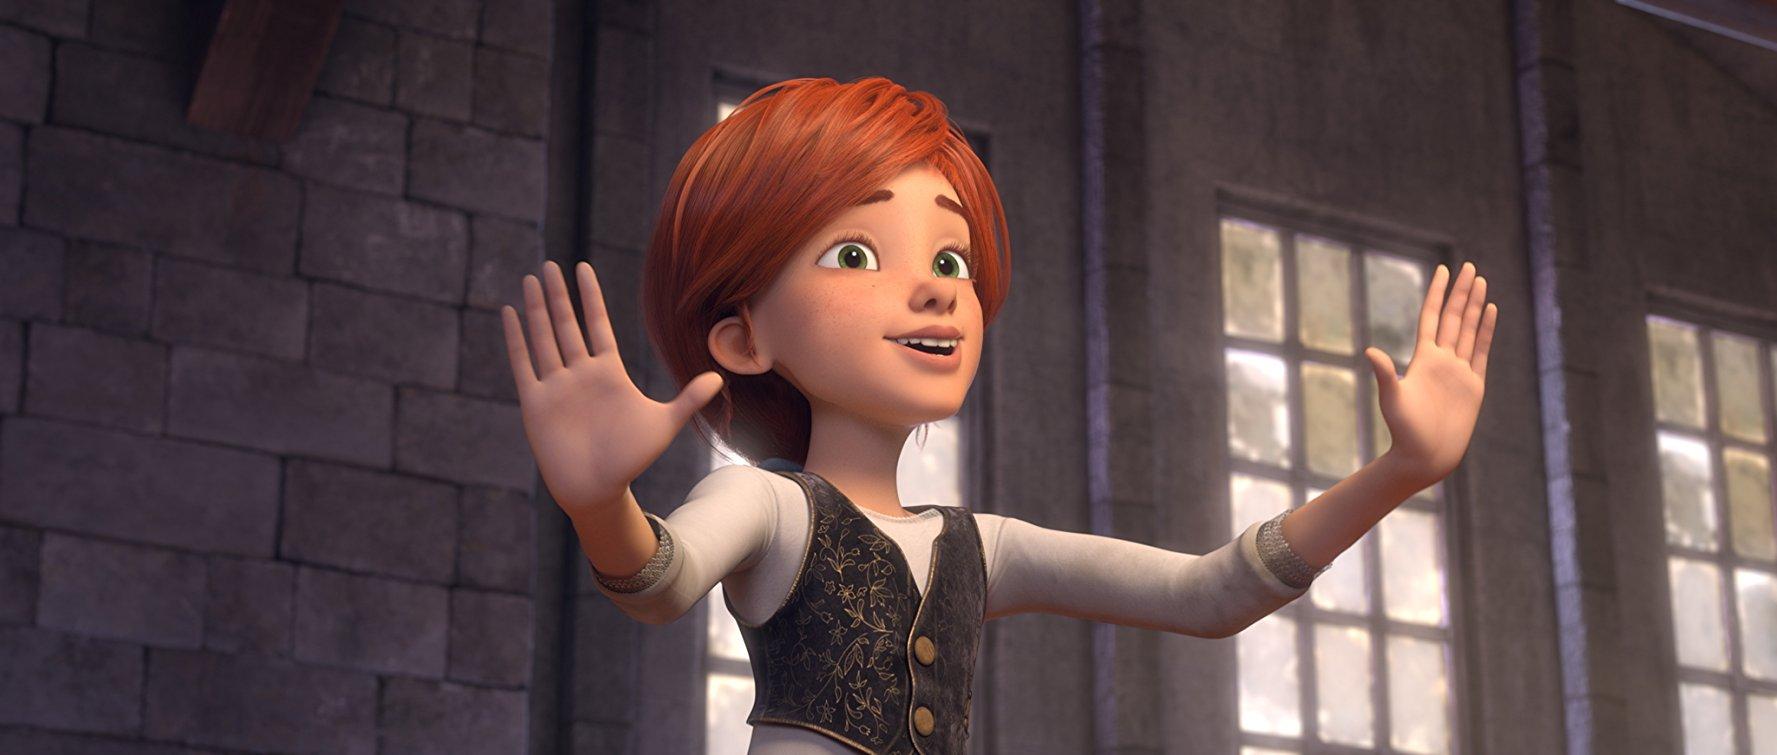 El título de la película en los mercados internacionales es Ballerina pero en Estados Unidos se llama Leap!